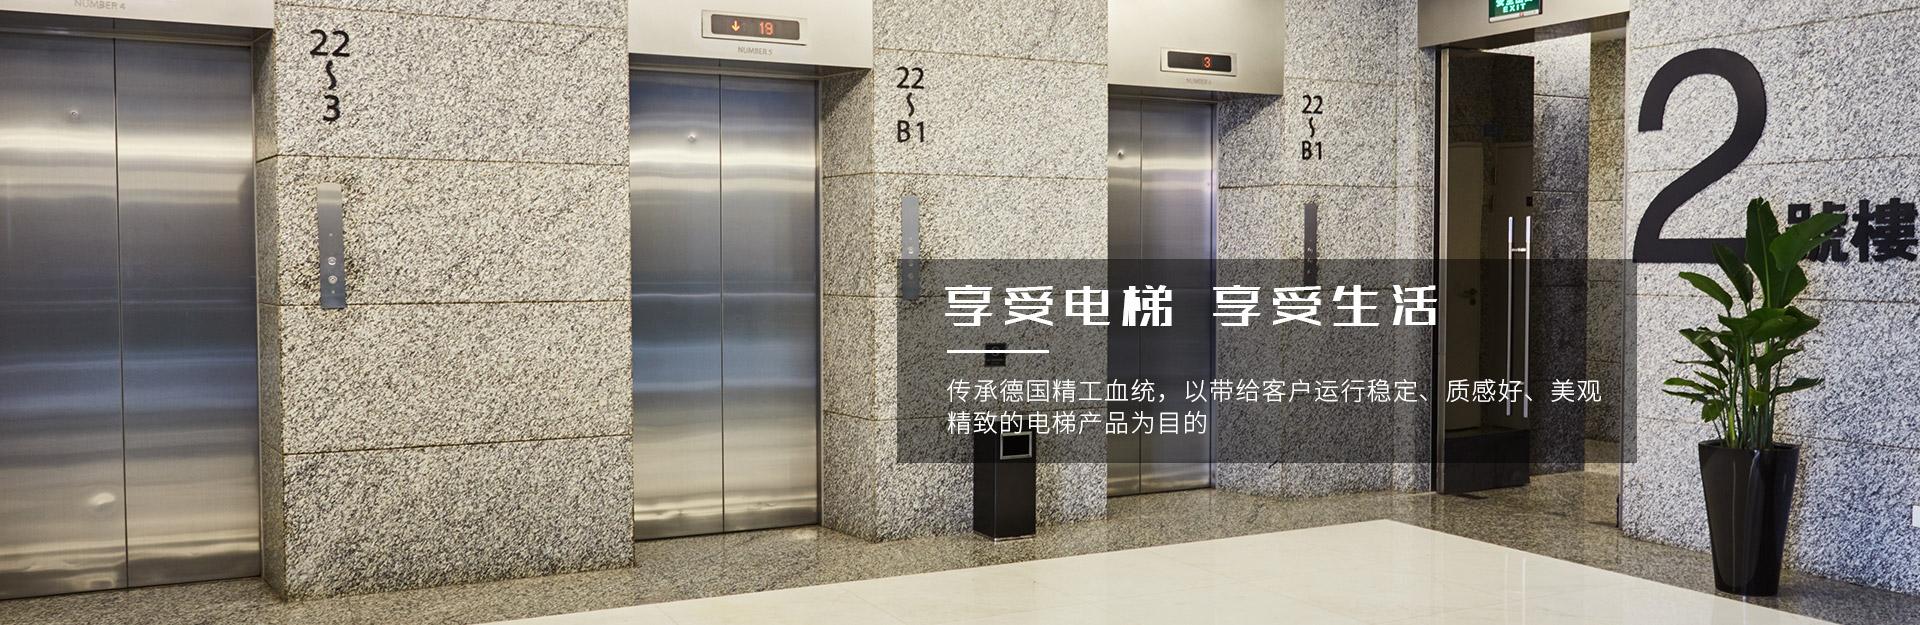 上海载货联发彩票注册_上海阿尔法联发彩票注册有限公司